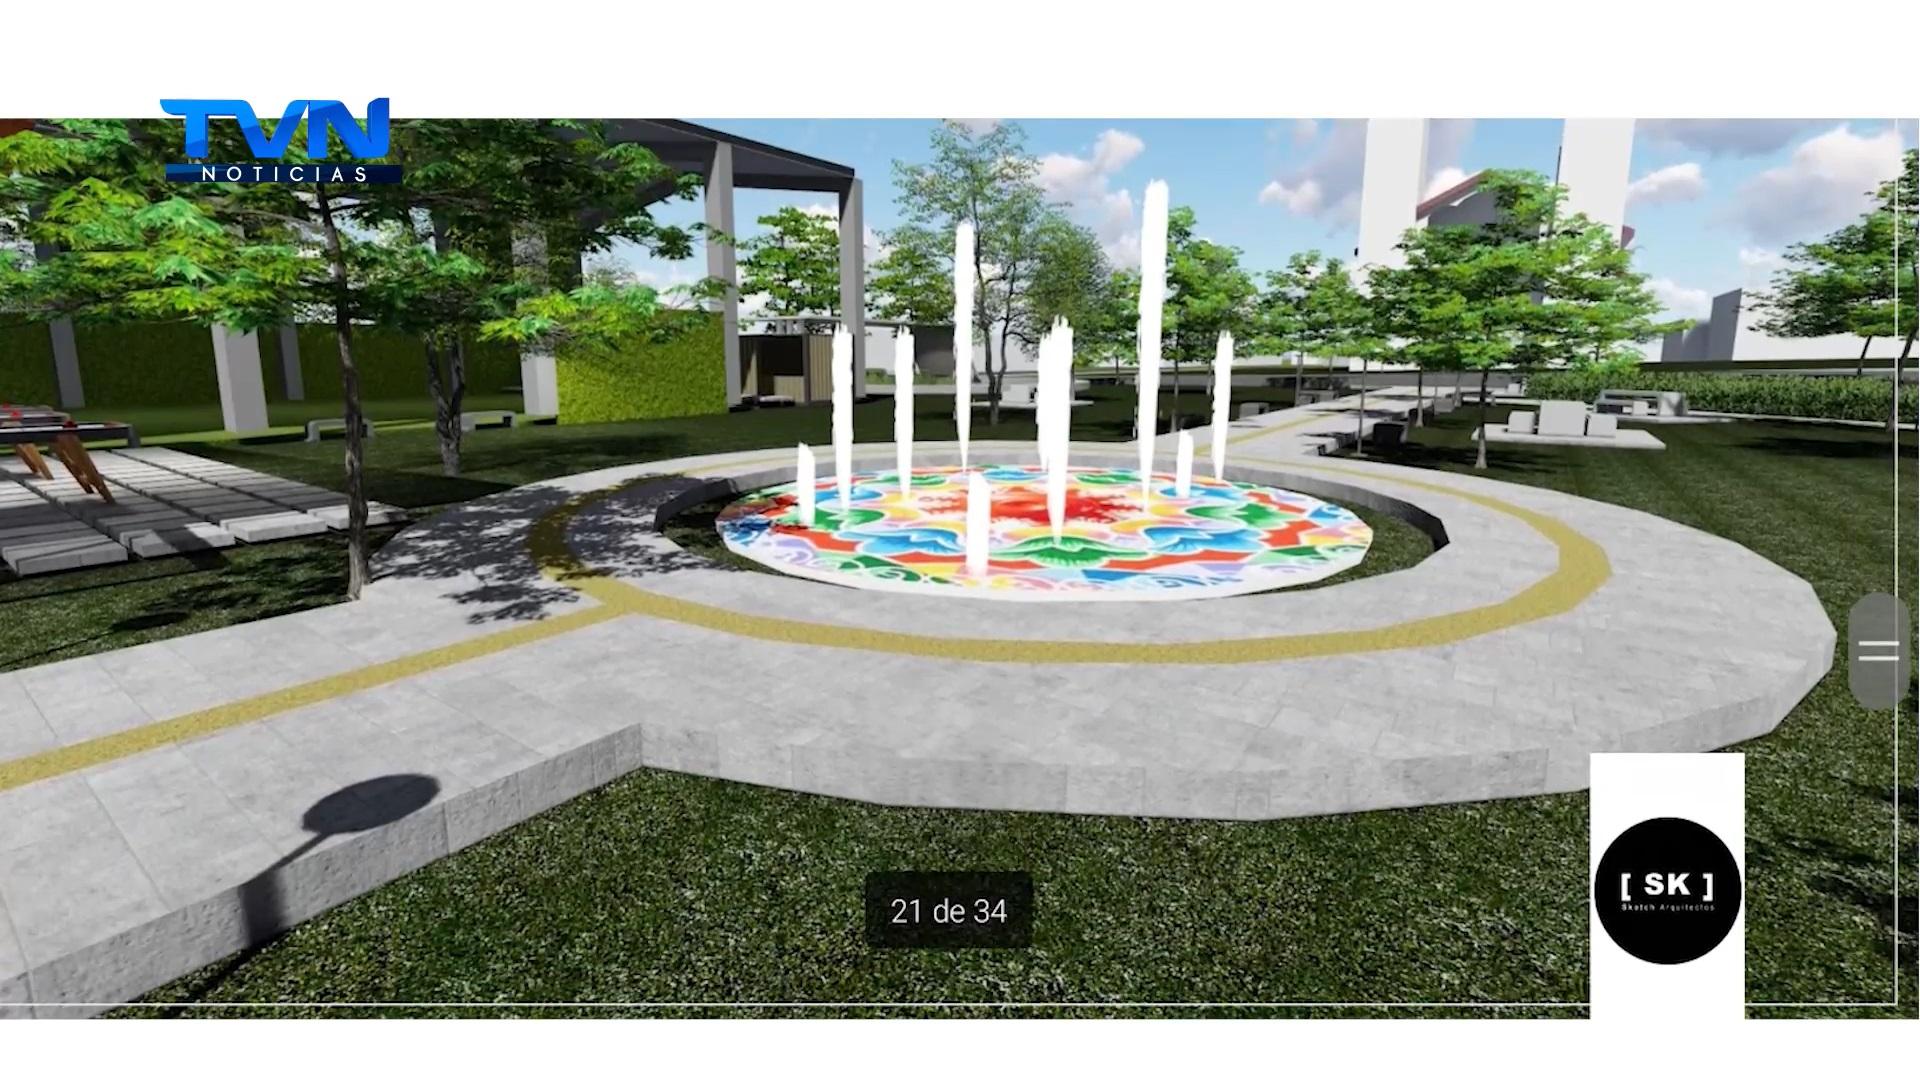 En octubre iniciarían las obras del nuevo parque de Venecia